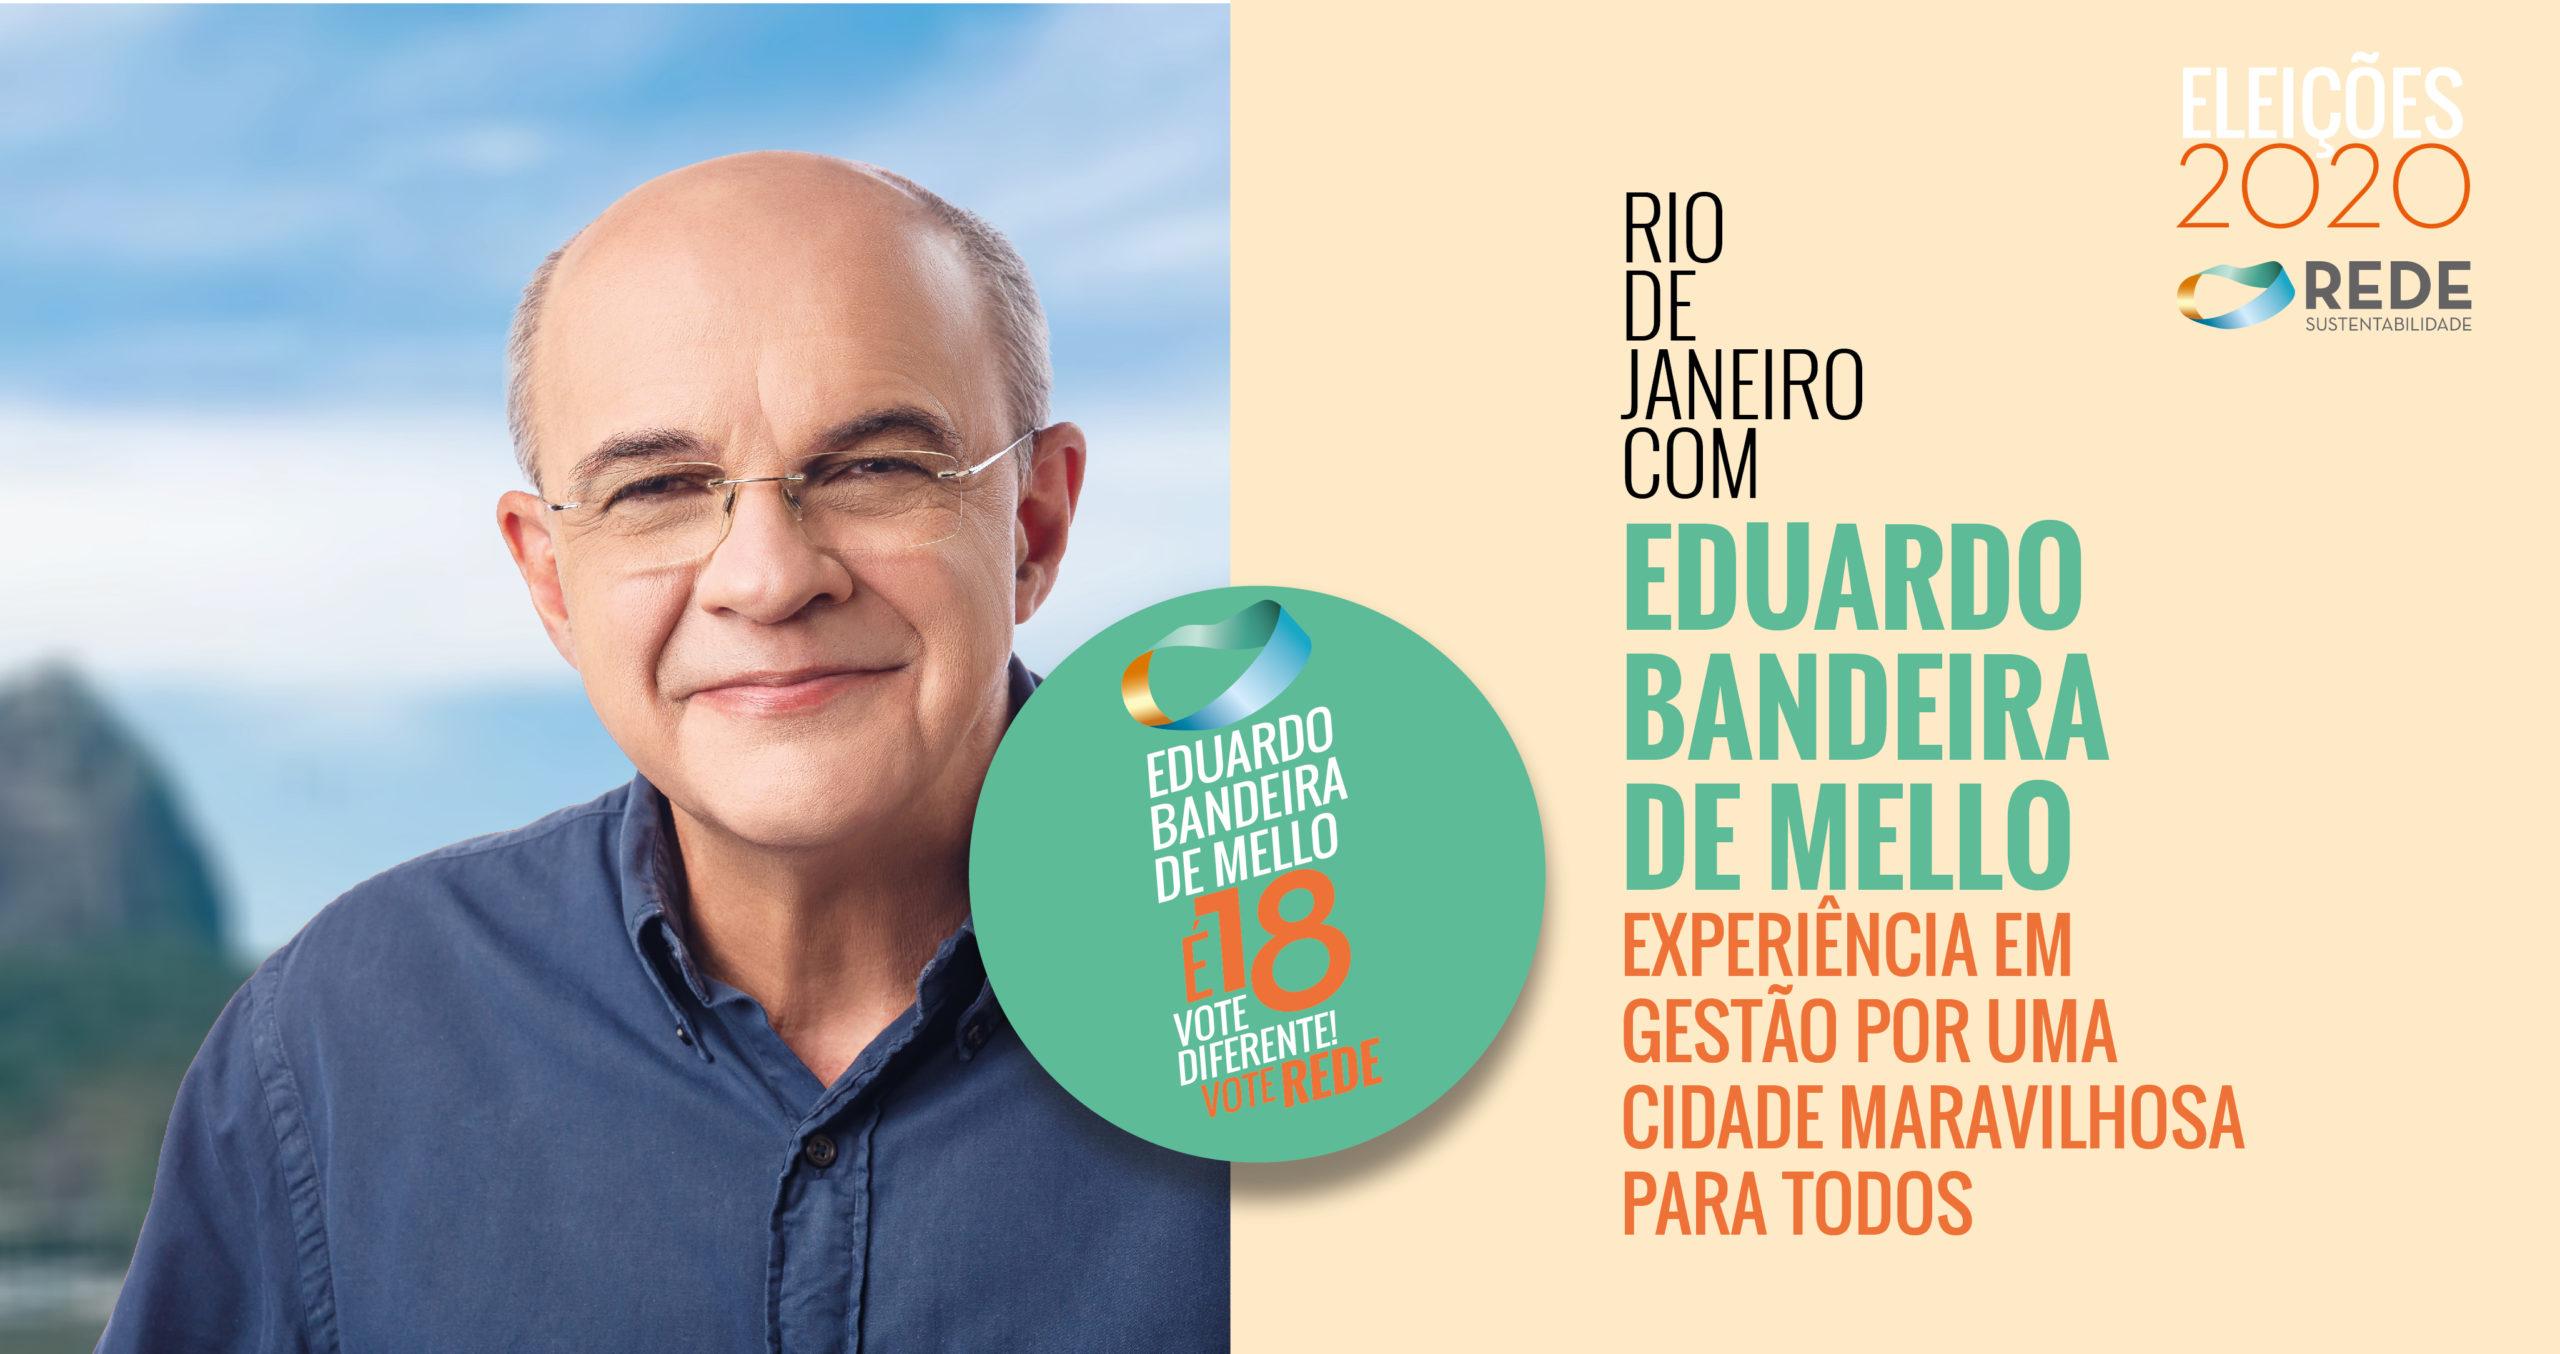 EDUARDO BANDEIRA DE MELLO: experiência em gestão por uma cidade maravilhosa para todos